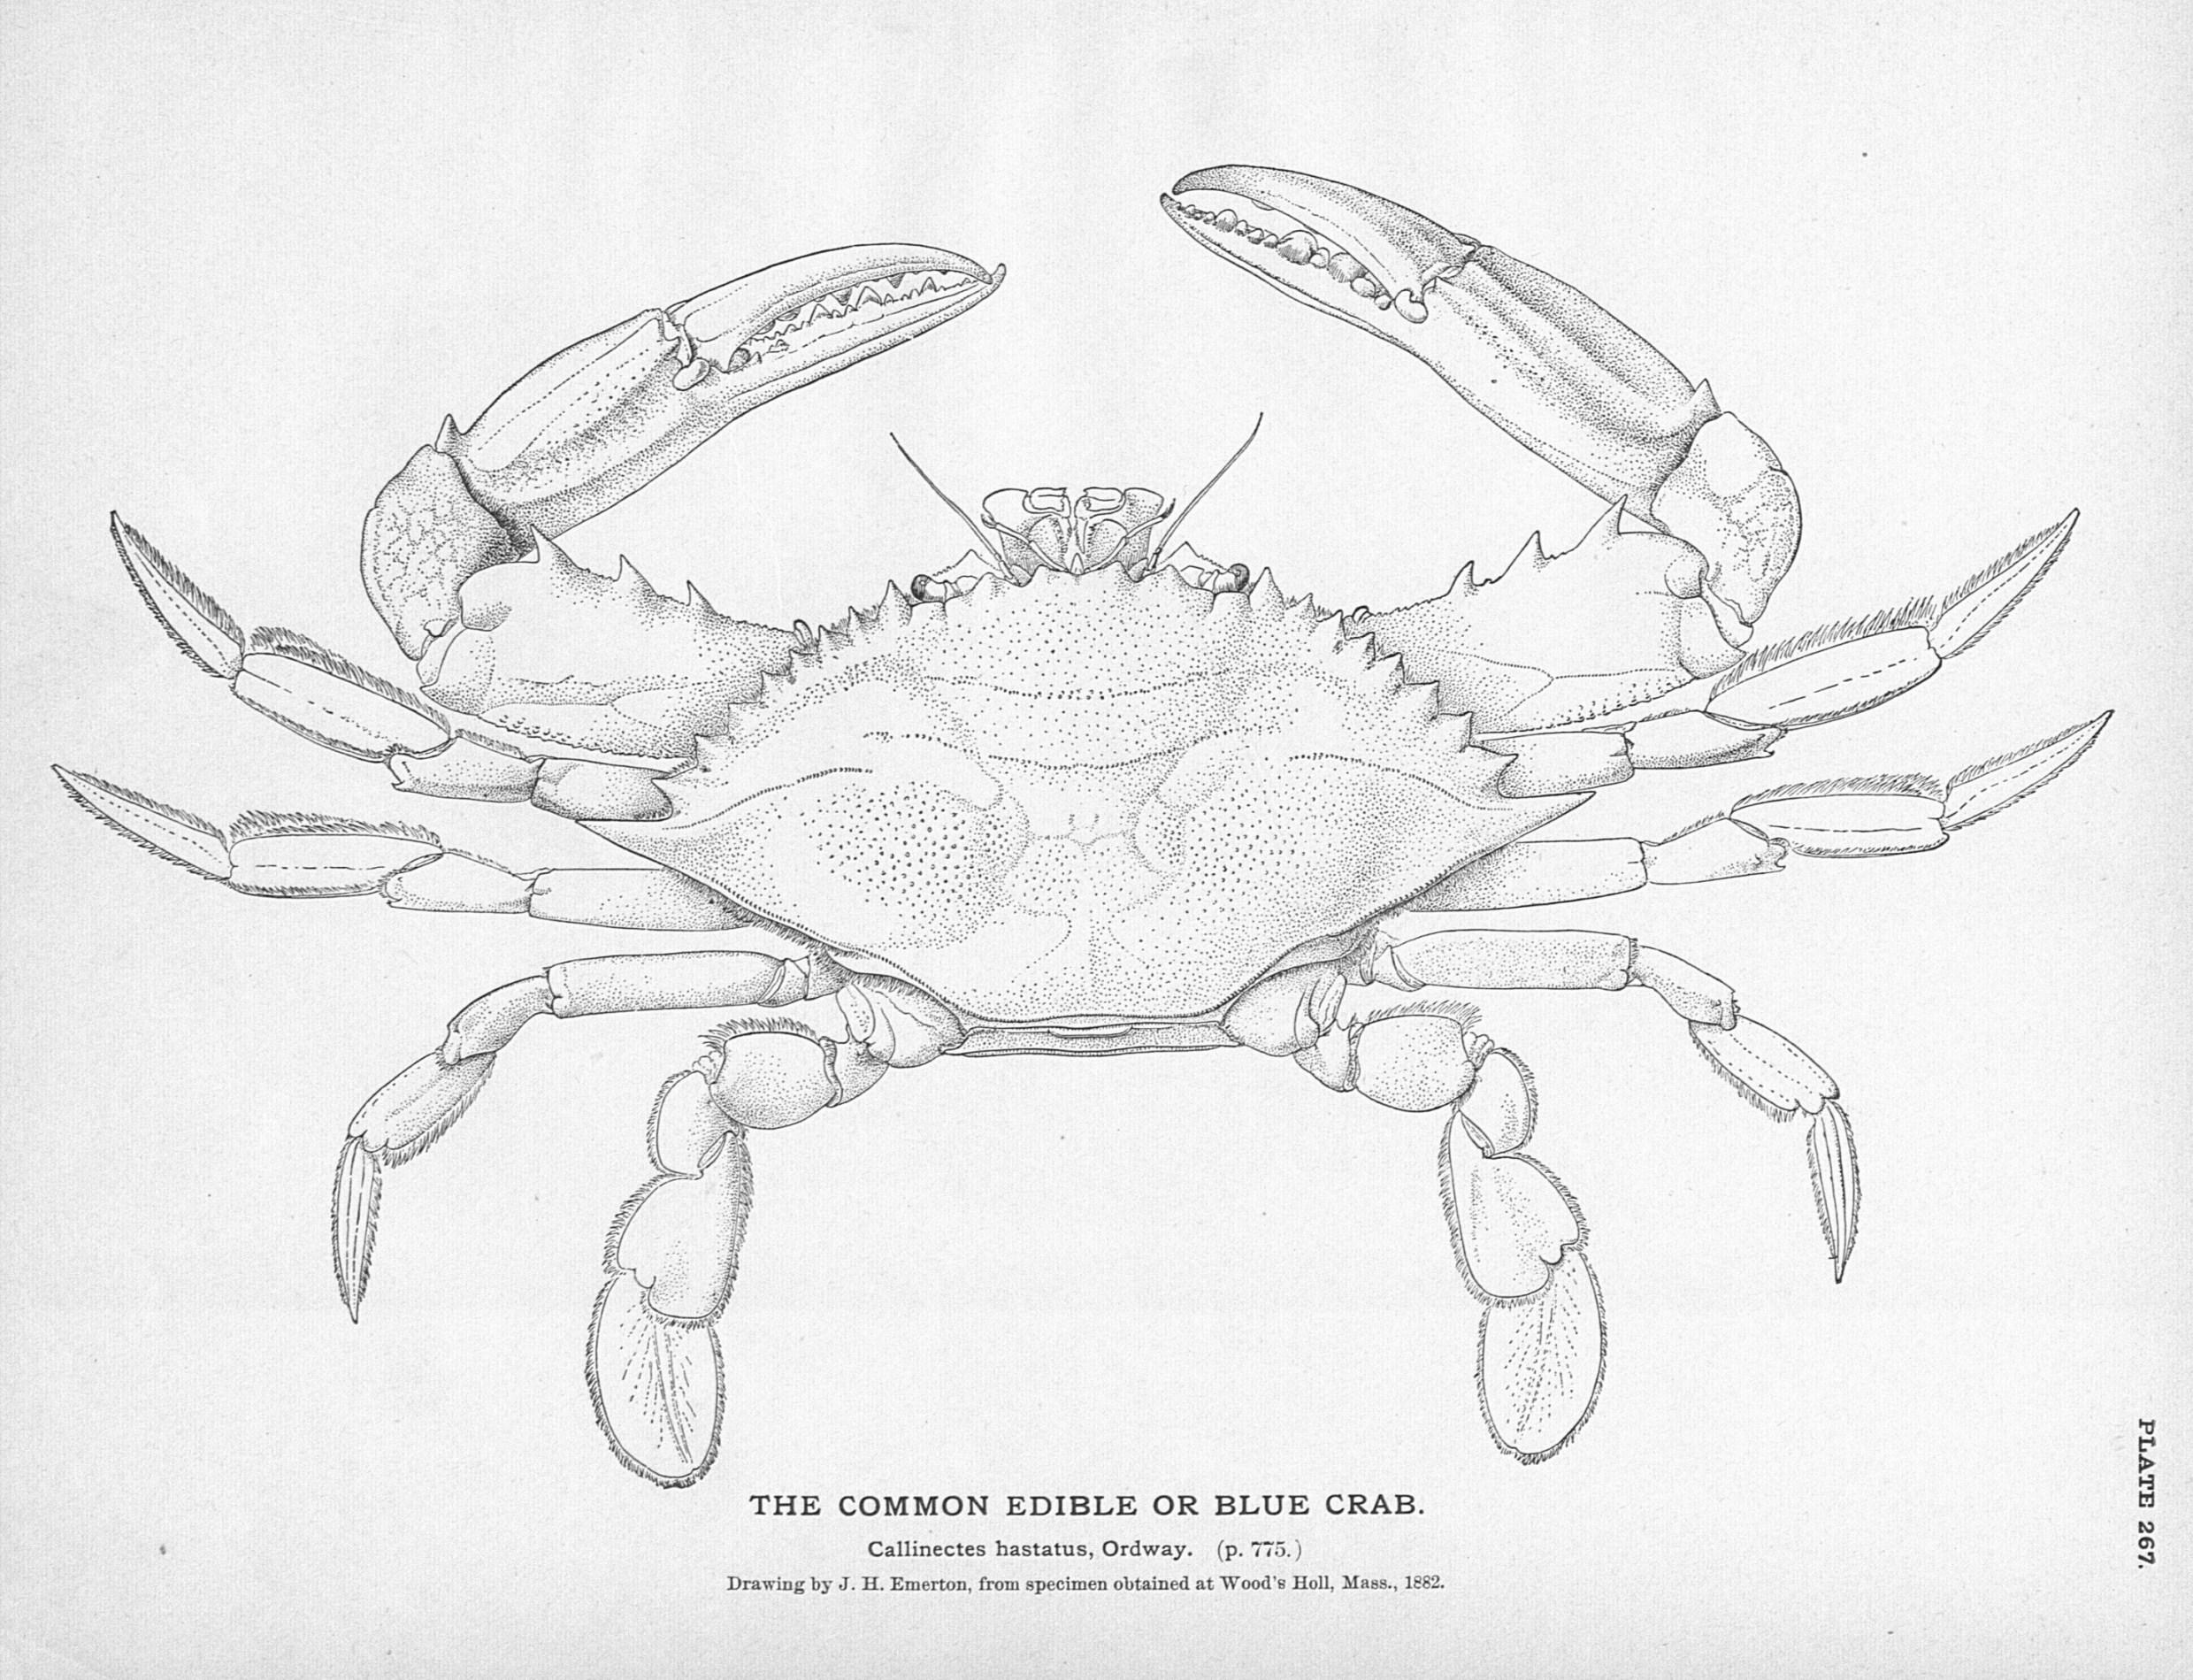 2479x1899 Animal Crustacean Crab Black And White Blue Crab (Female